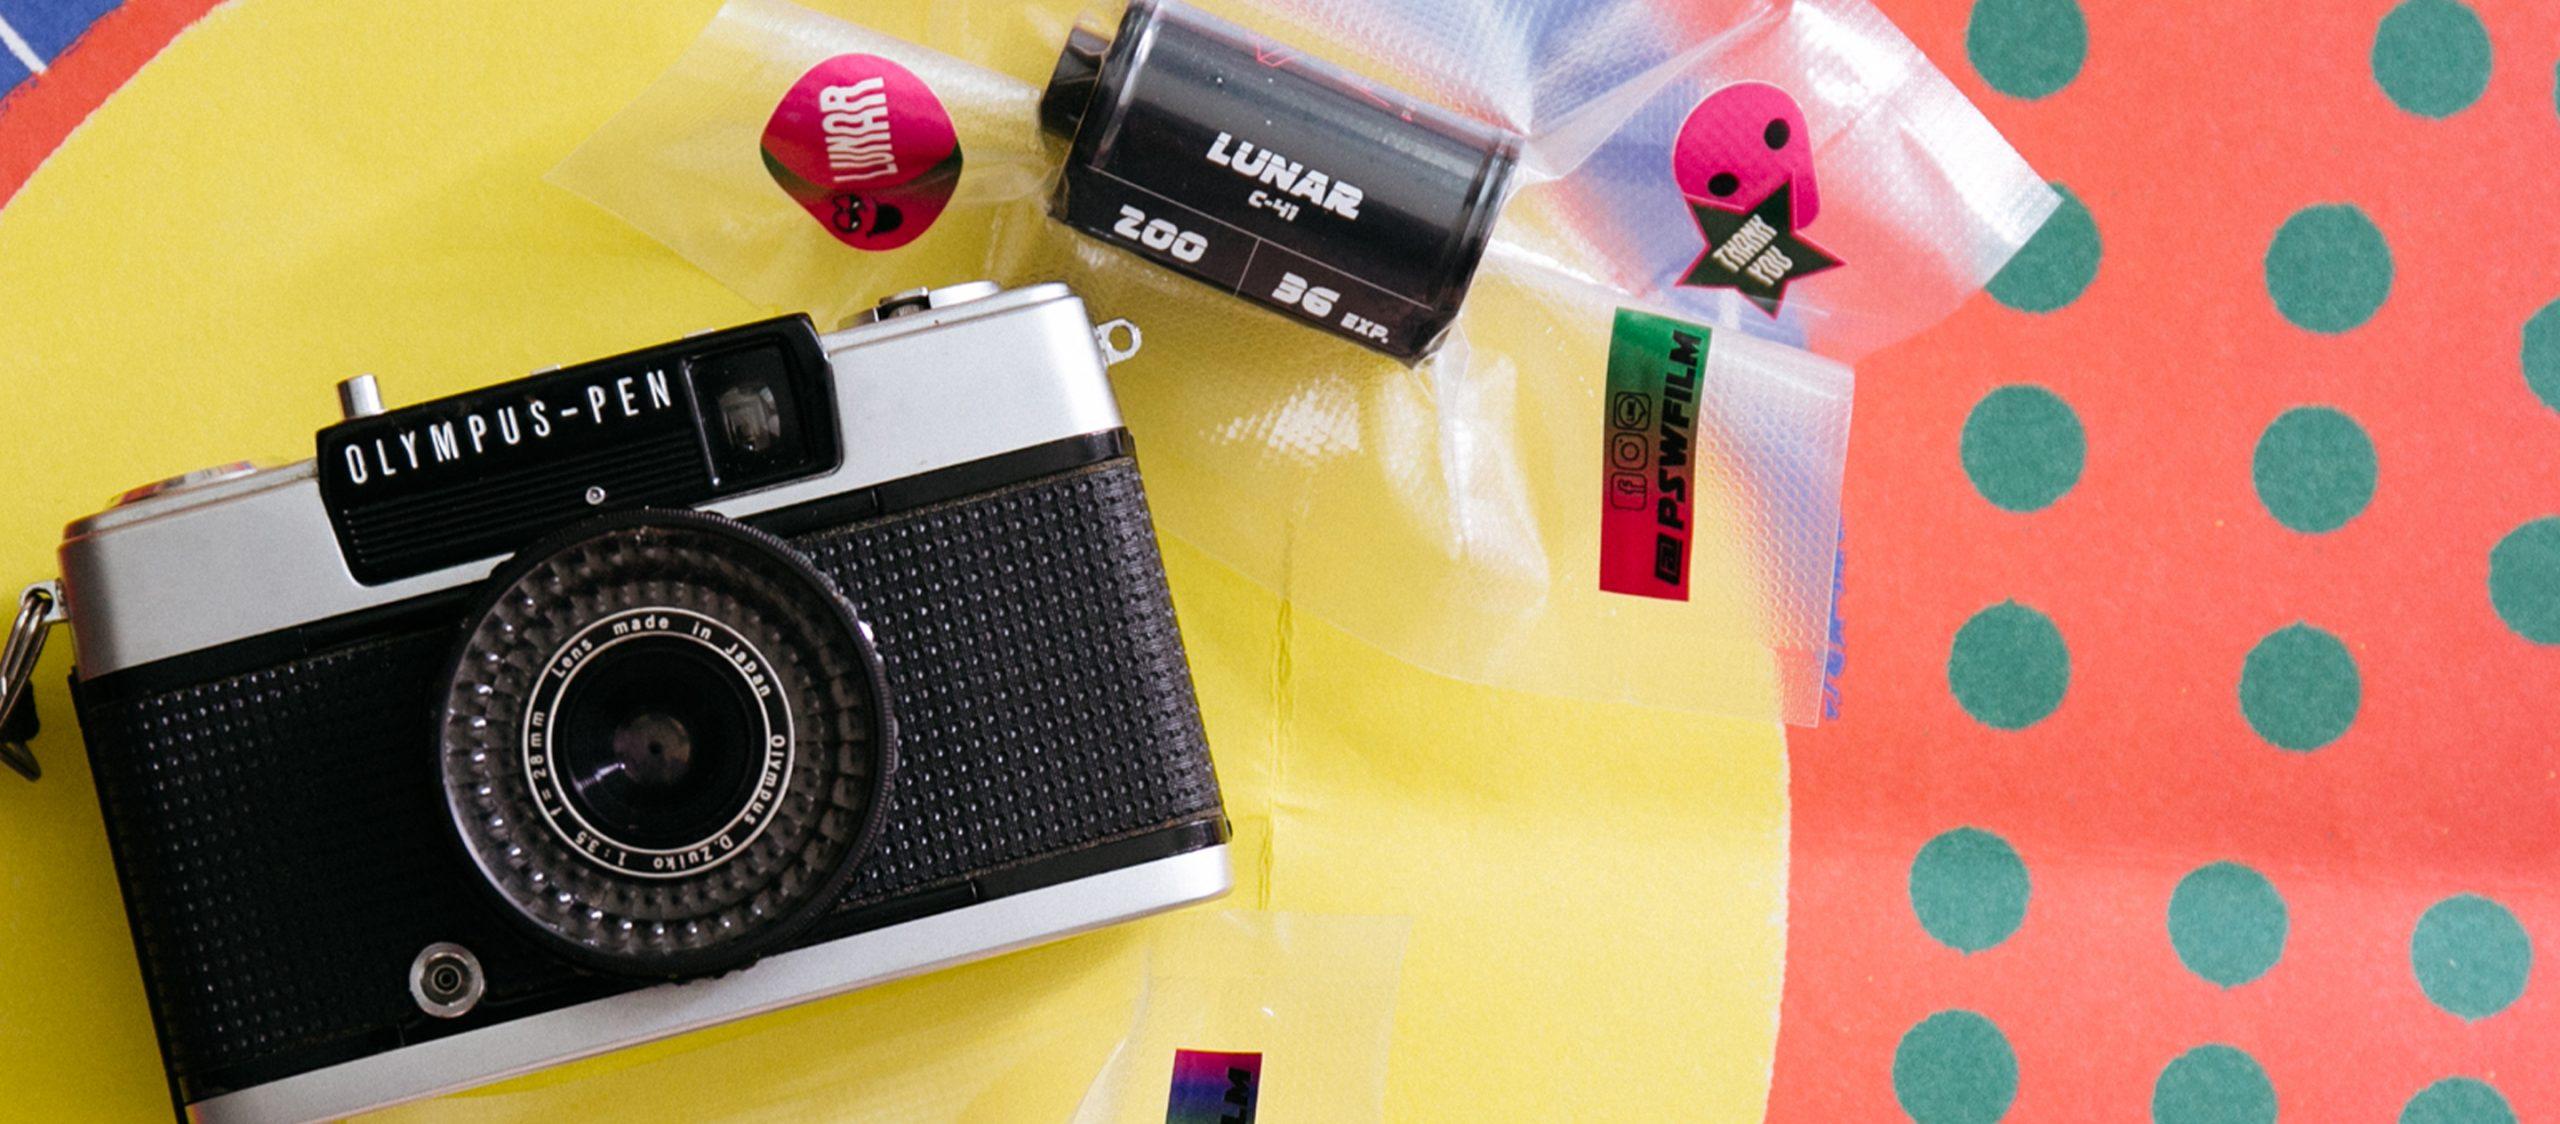 จับสายรุ้งมาไว้ในกล้องฟิล์ม P/s/w ฟิล์มทำเองที่ยอดพรีออร์เดอร์ทะลุ 200 ม้วนในหนึ่งนาที